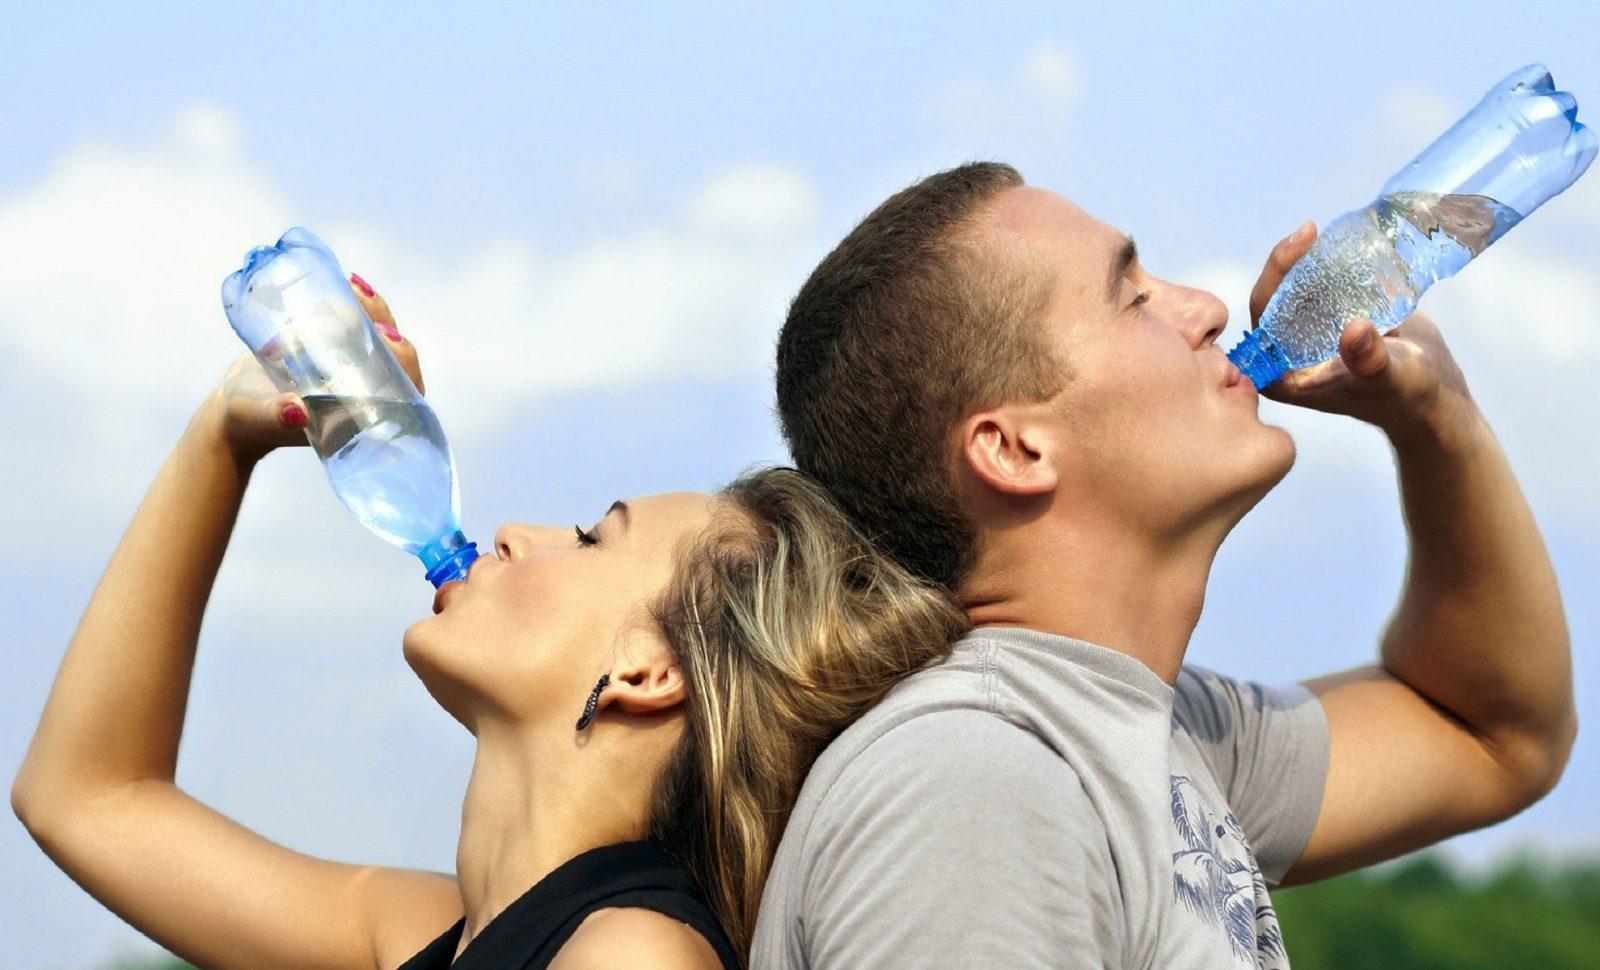 Пейте воду вместо сигареты и еды